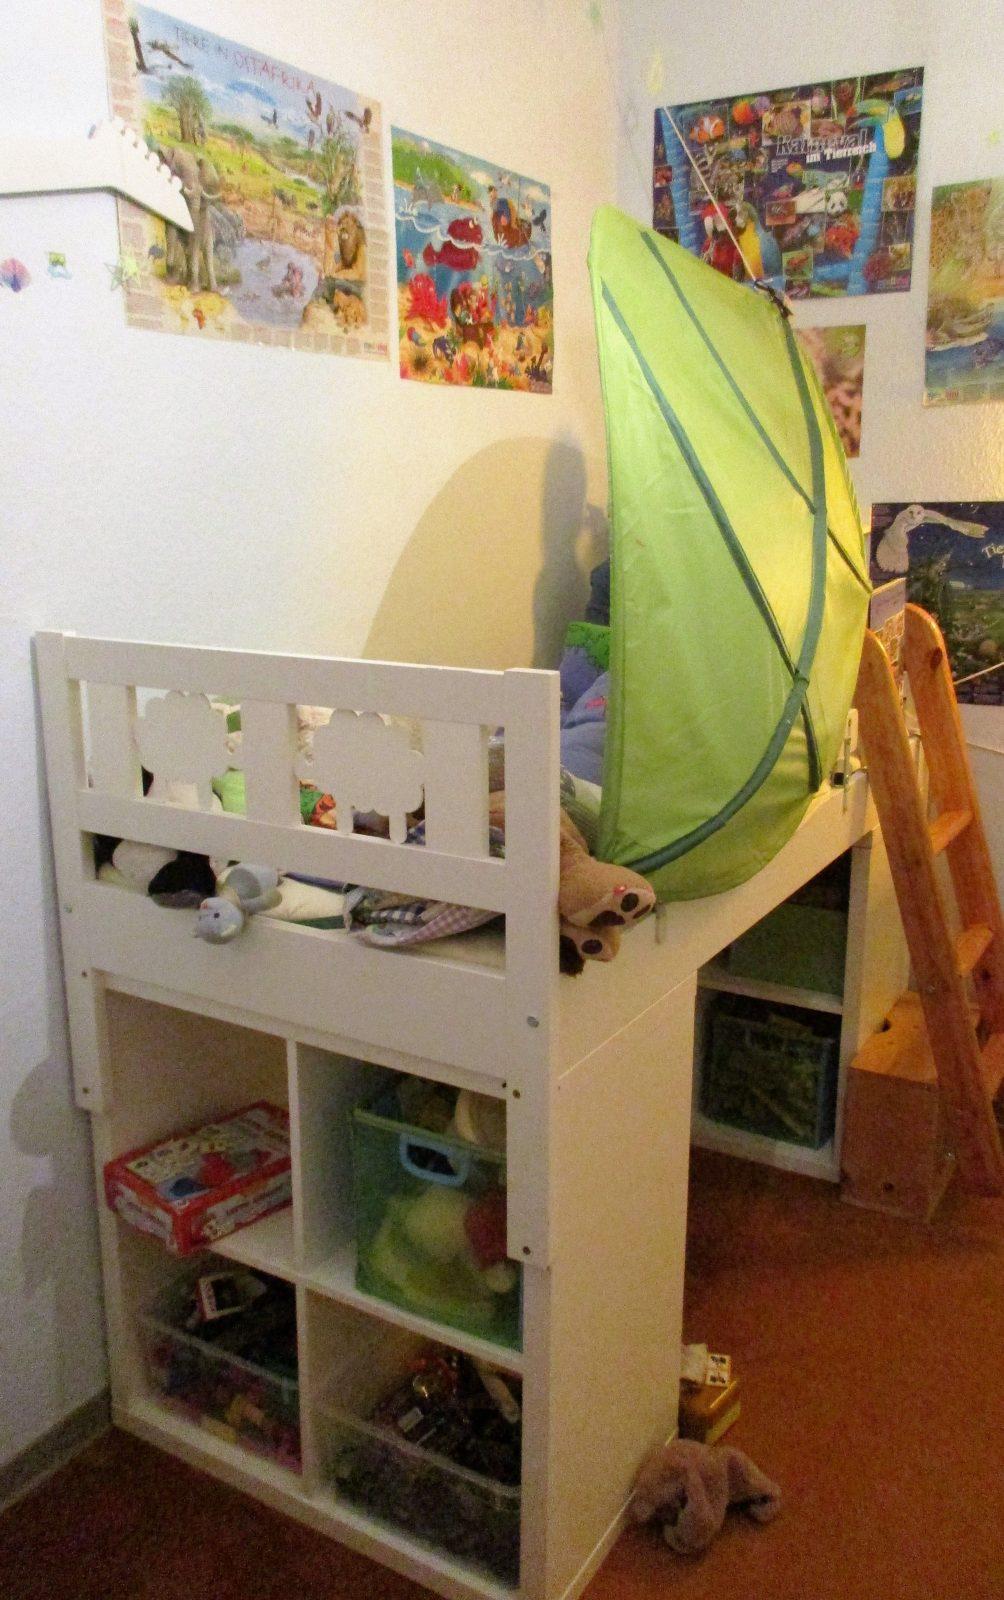 Hochbett Selber Bauen 2X Kallax Regal Von Ikea Unter Das Bett von Bett Rutsche Selber Bauen Bild